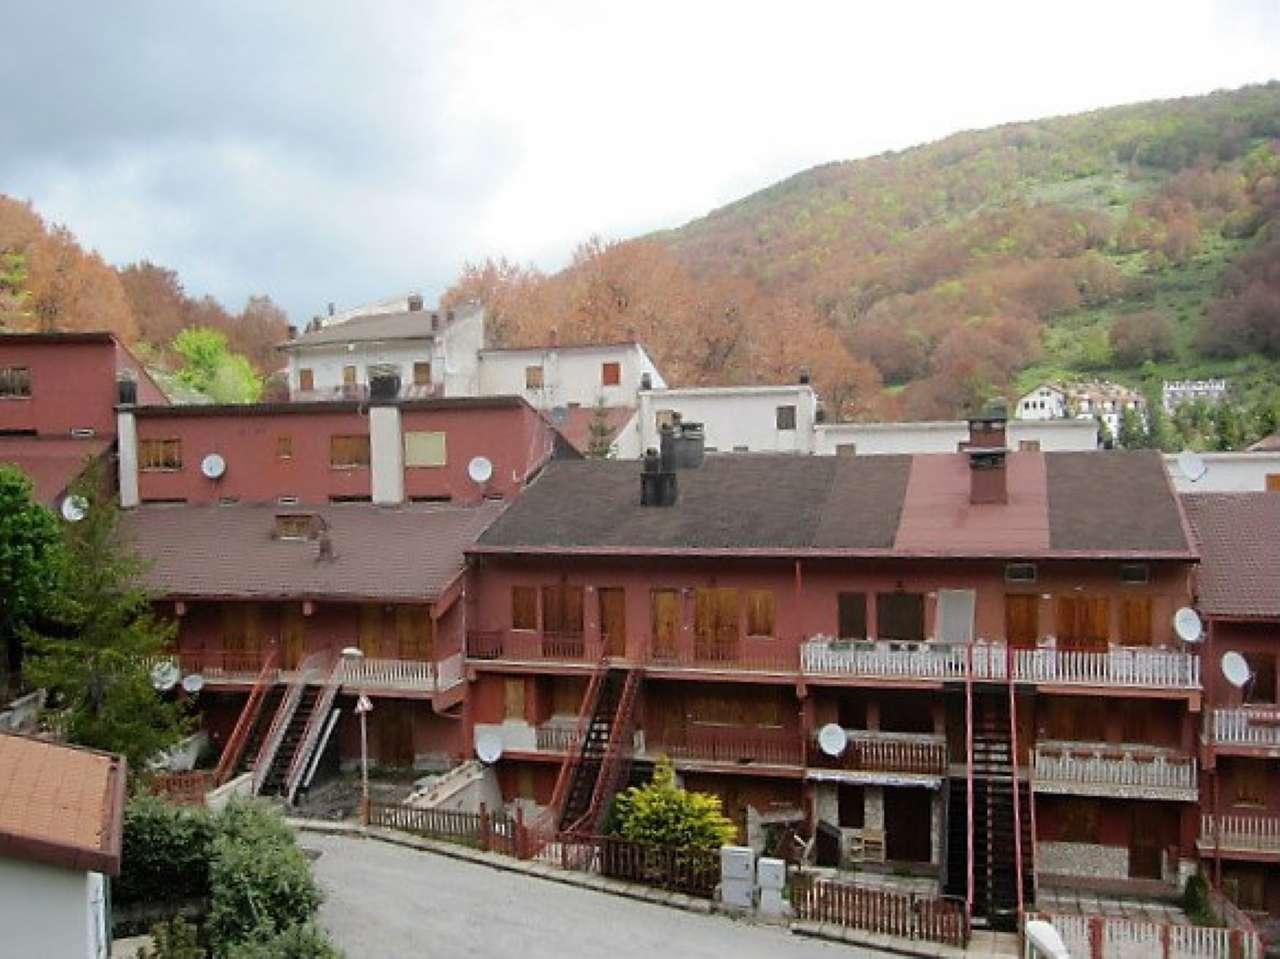 Appartamento in vendita a Cappadocia, 2 locali, prezzo € 35.000 | CambioCasa.it